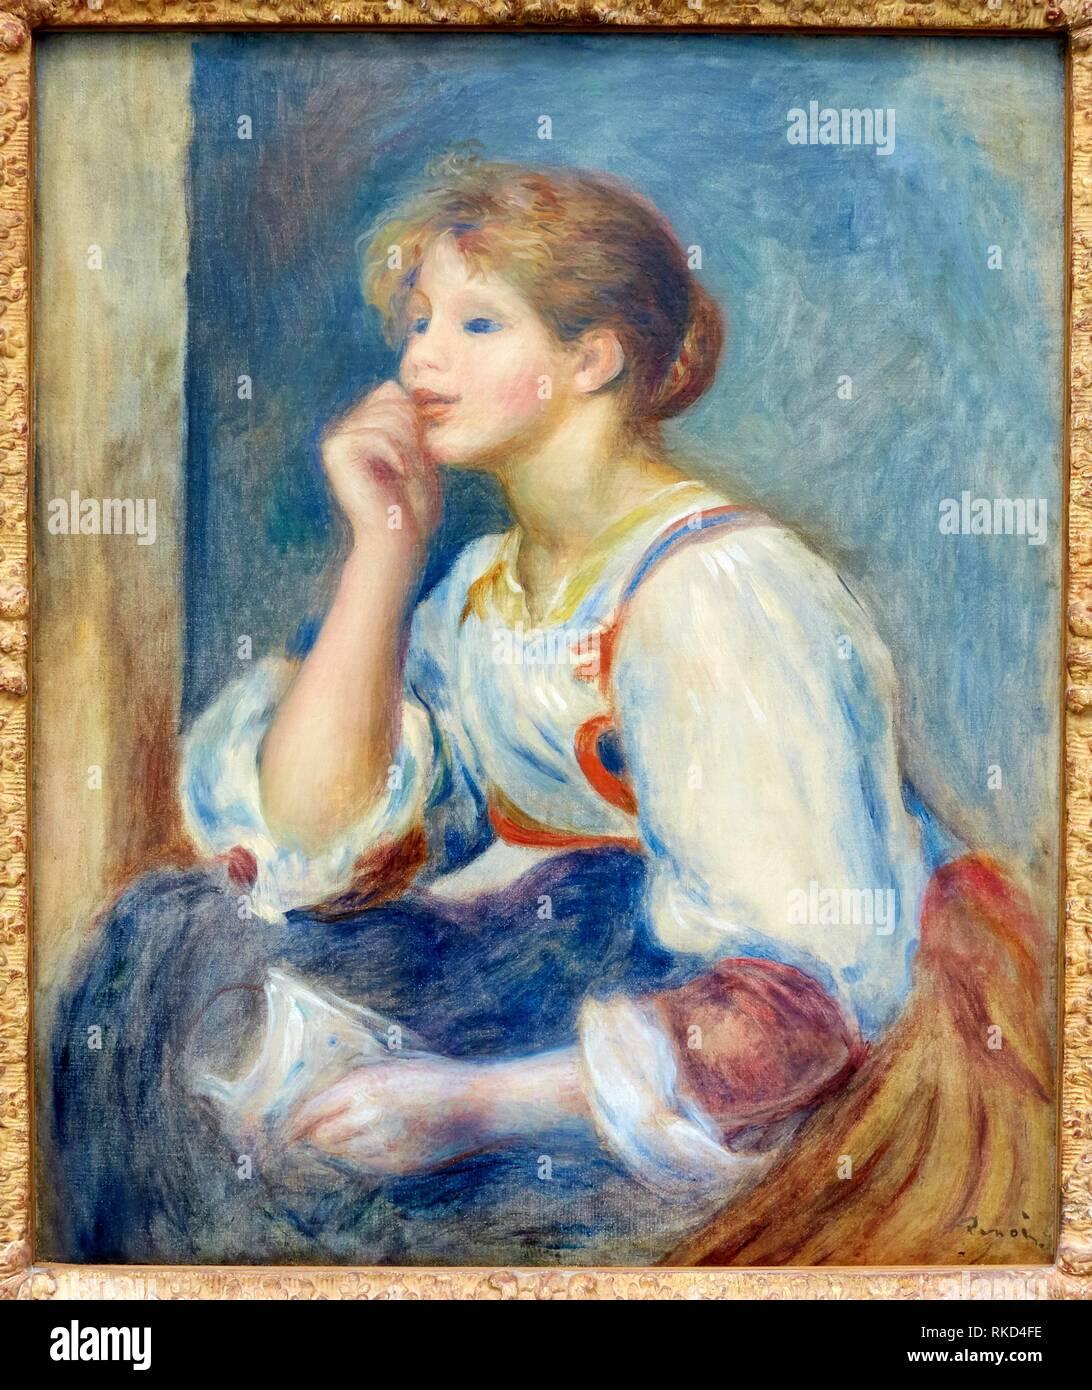 '''Femme avec une lettre'' ou ''Femme à la lettre'', c.1890 (huile sur toile), Pierre-Auguste Renoir, Musée de l'Orangerie, jardin des Tuileries, Paris, France Photo Stock